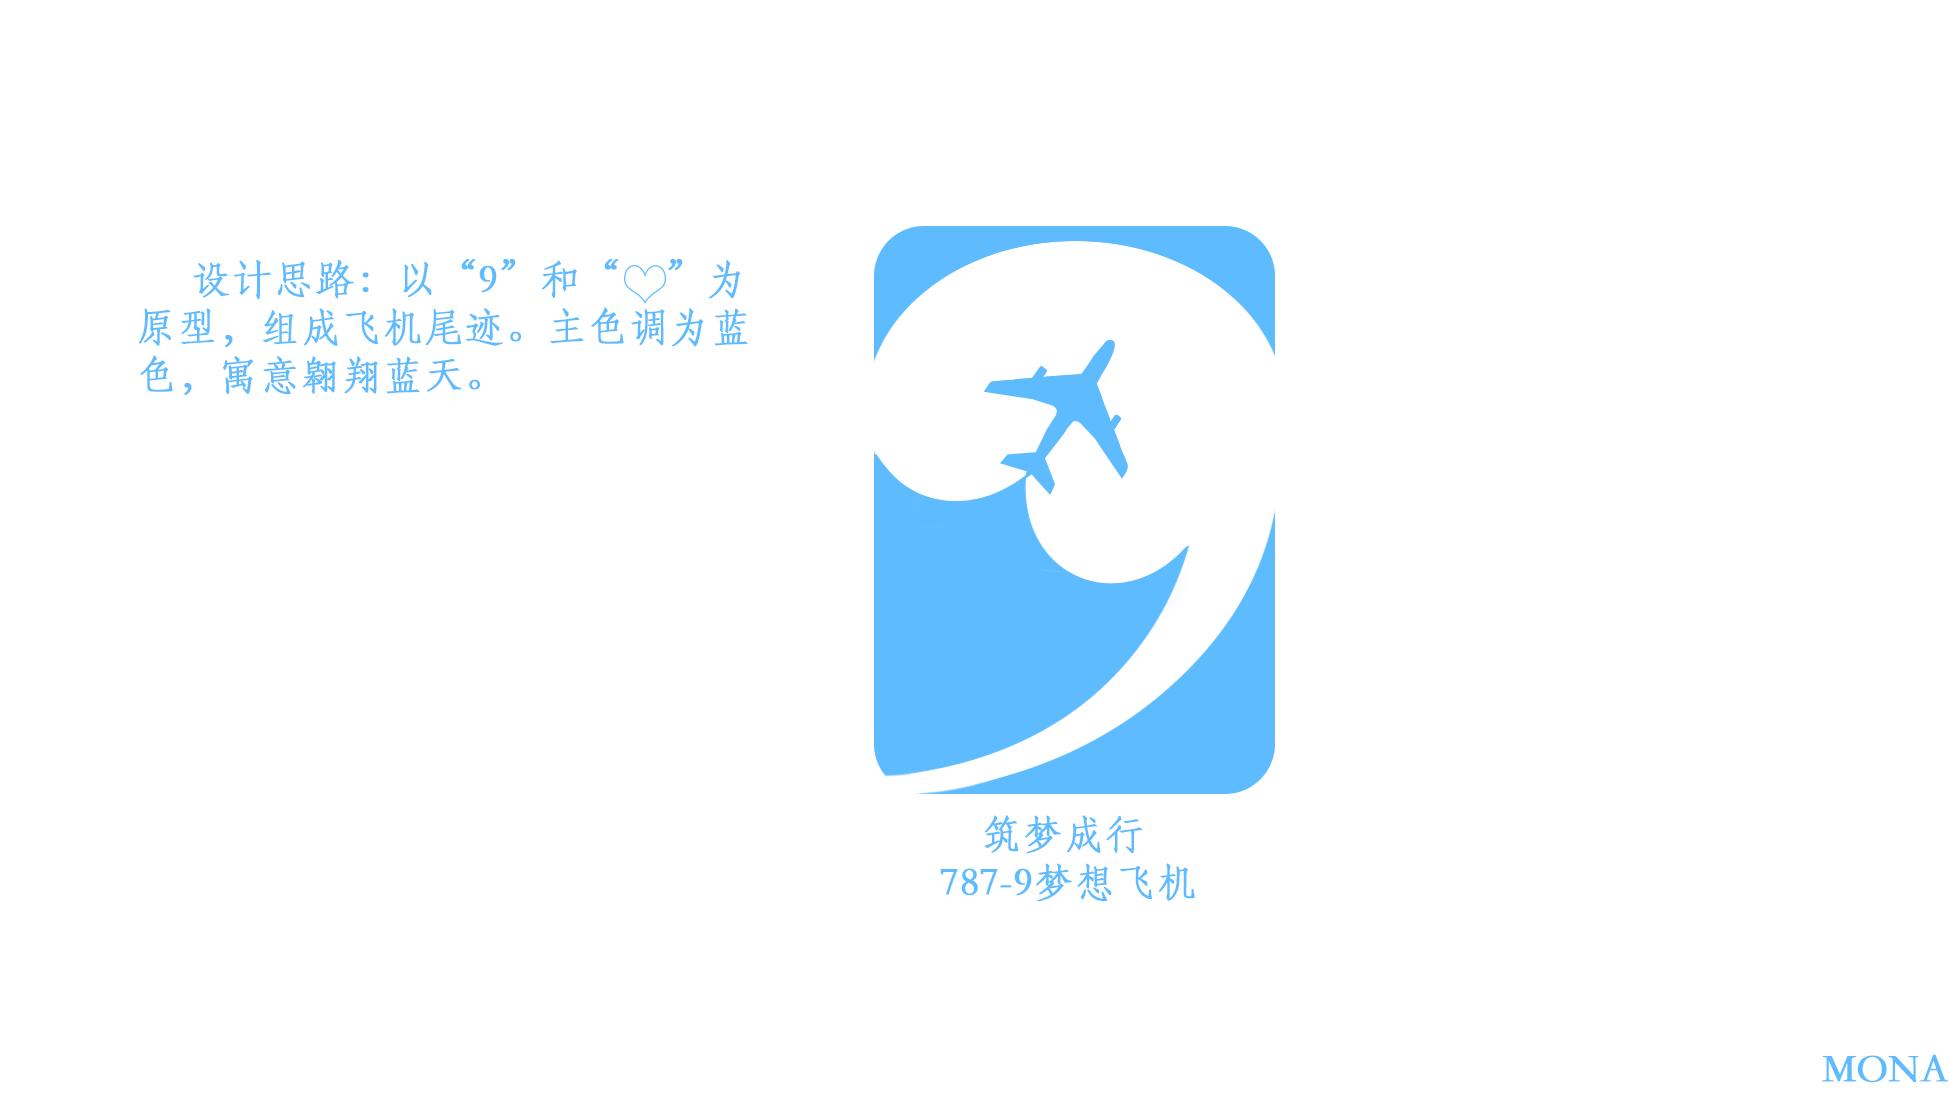 787-9梦想飞机logo